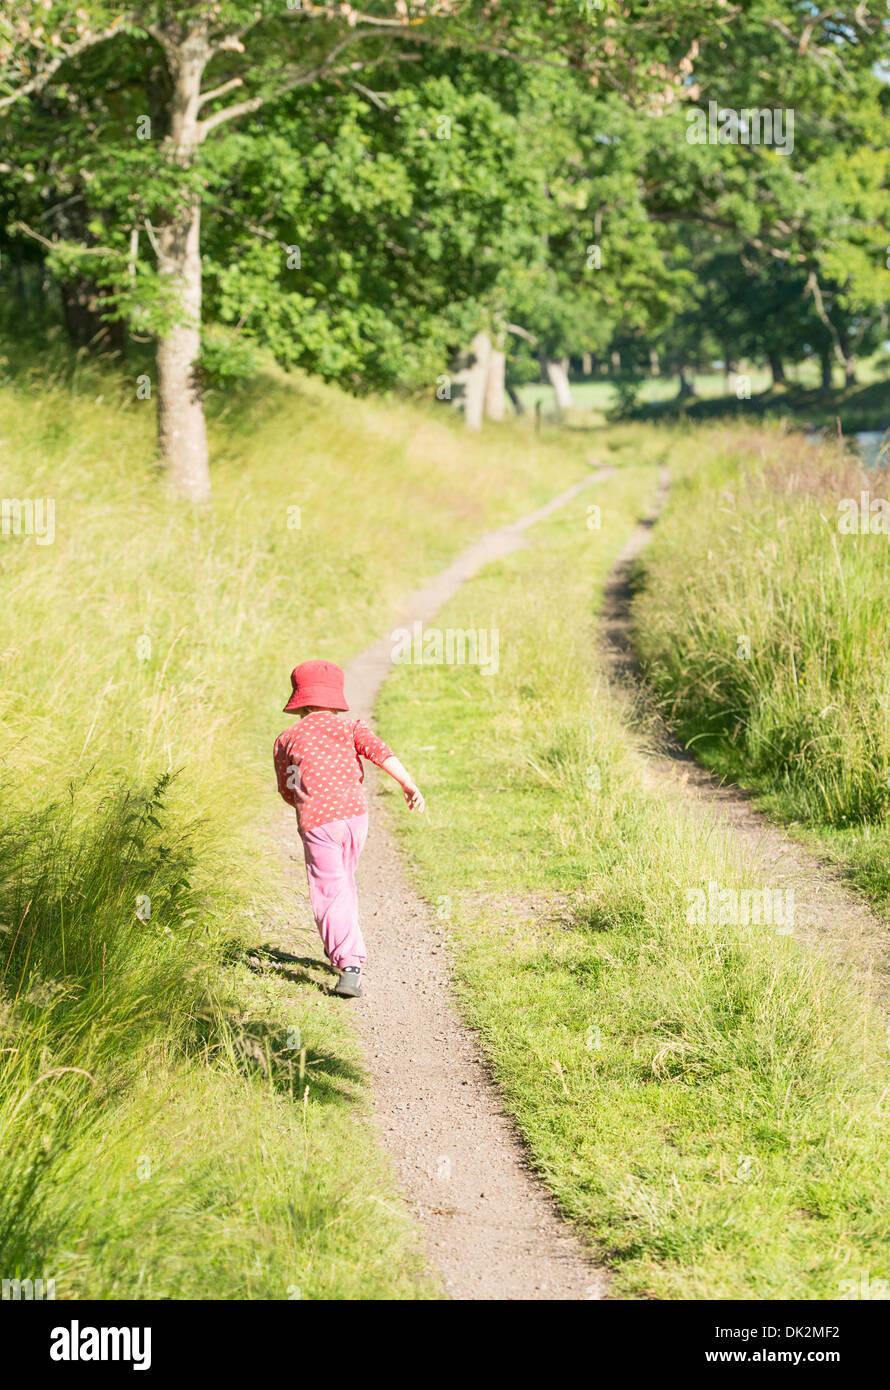 Little girl running on dirt road in green summer landscape, Sweden - Stock Image